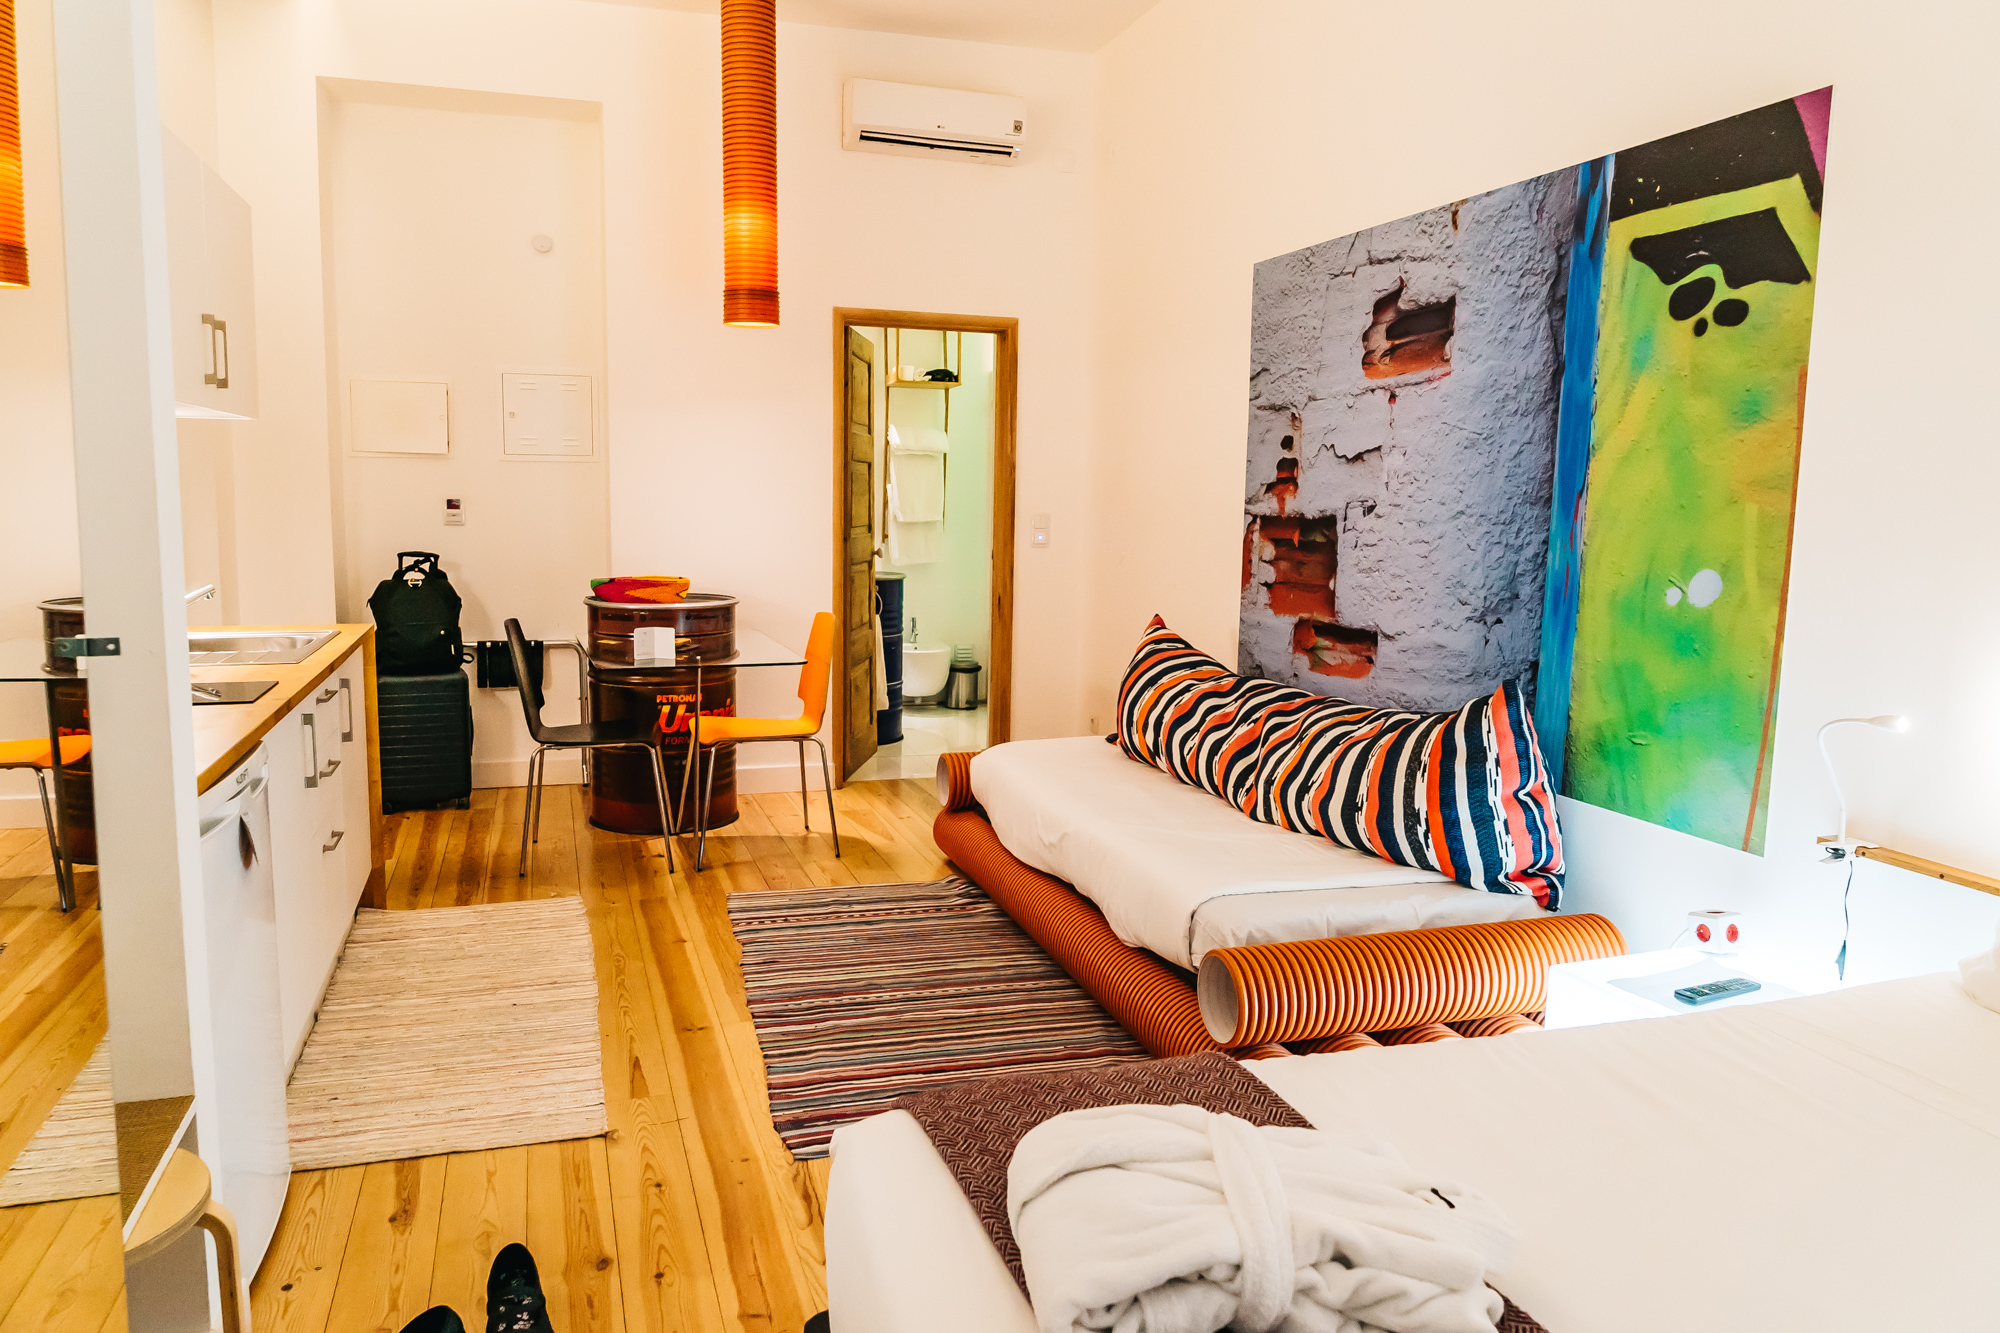 Spacious room at Chiado Arty Flats - Lisbon, Portugal